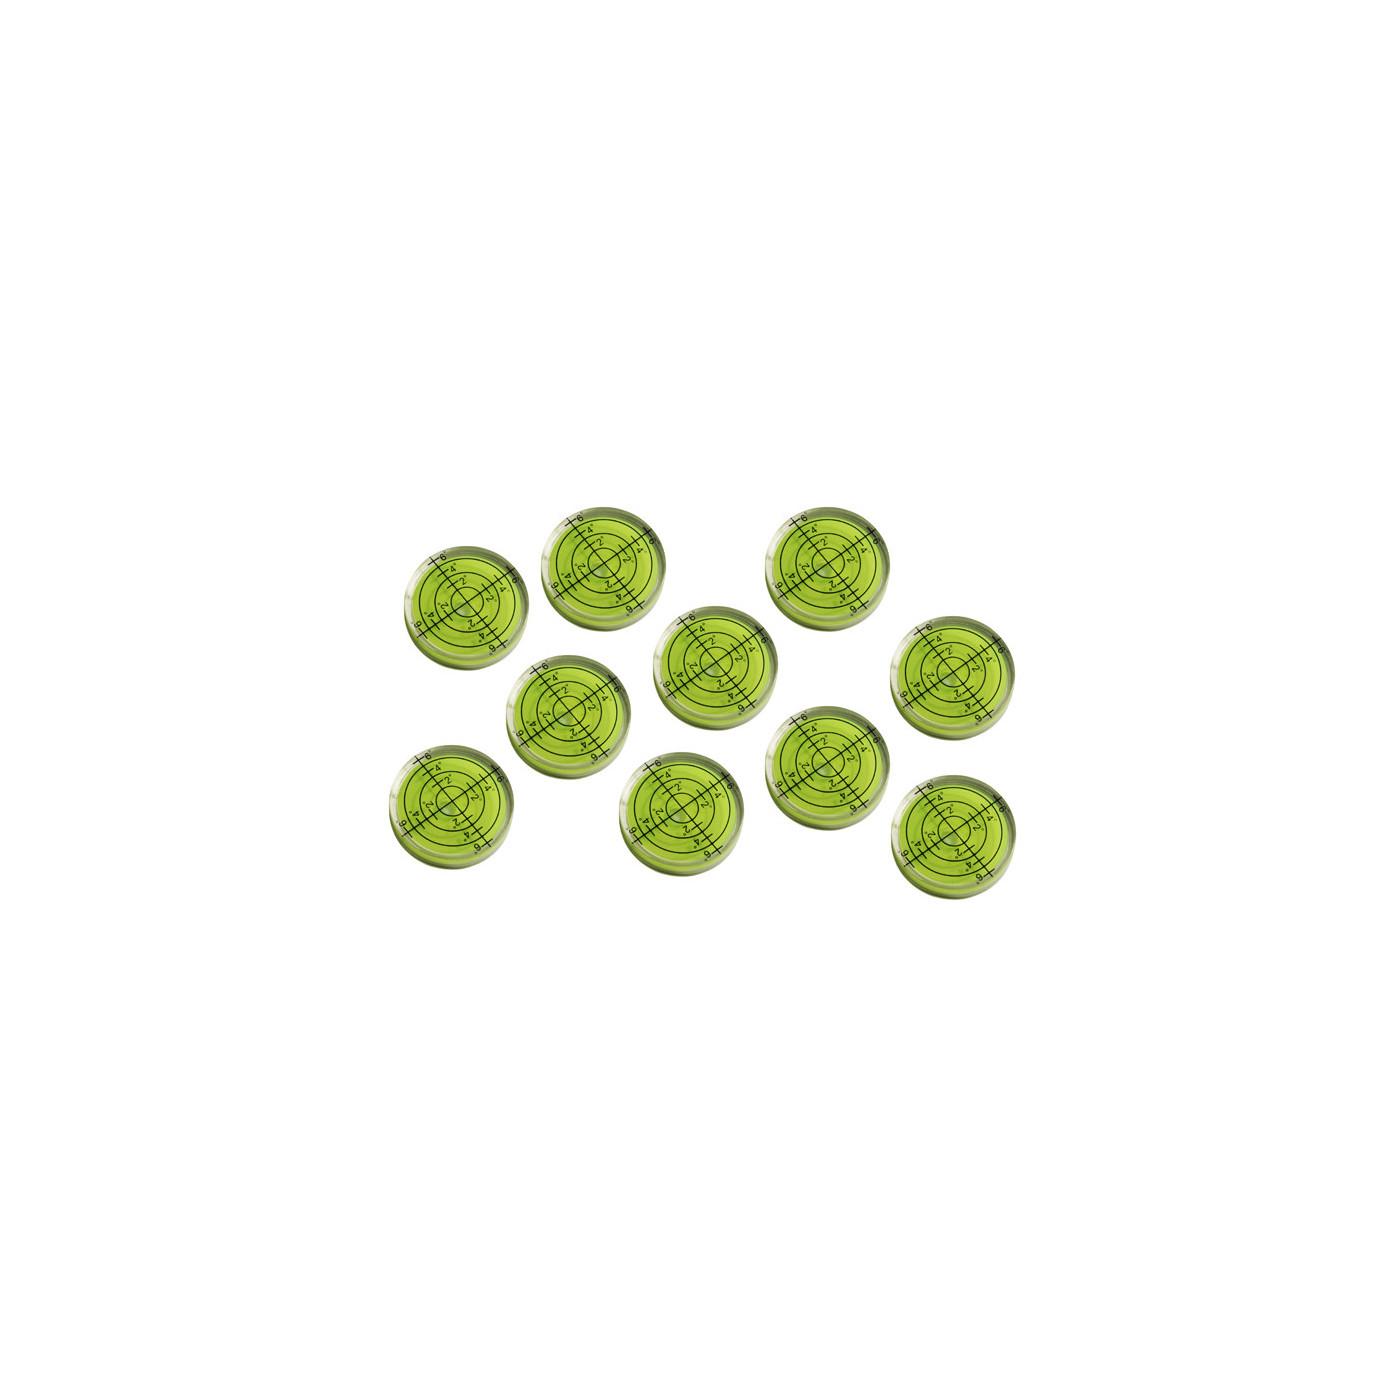 Set of 10 bubble level vials (32x7 mm, green)